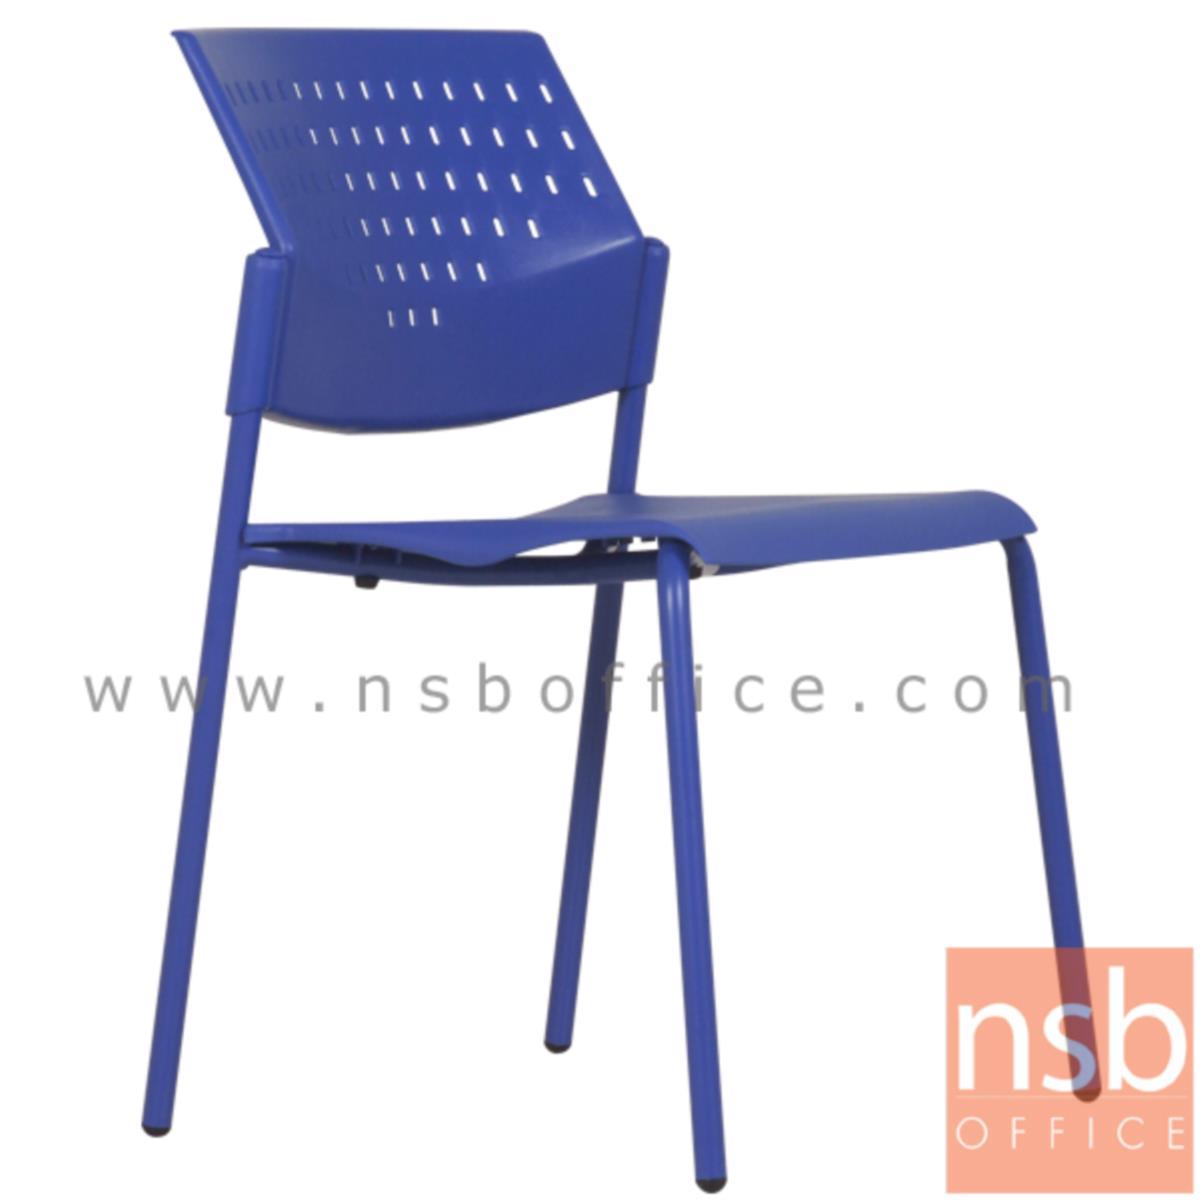 B04A144:เก้าอี้อเนกประสงค์เฟรมโพลี่ รุ่น ms-DG-01  ขาเหล็กพ่นสี